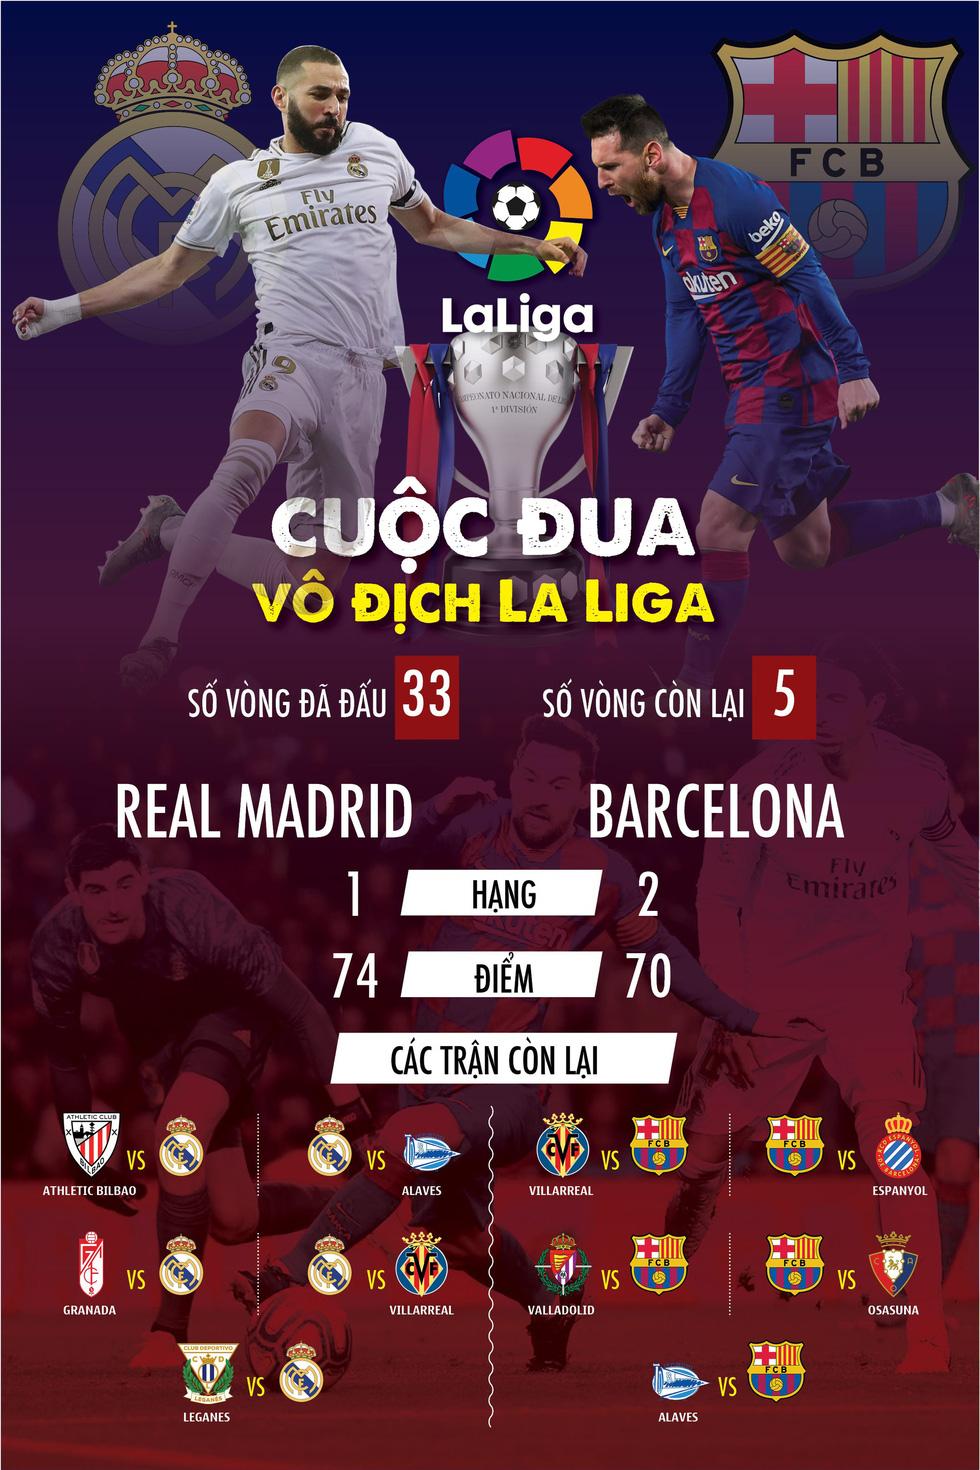 Real Madrid và Barcelona: Ai lợi thế hơn trong cuộc đua vô địch La Liga? - Ảnh 1.